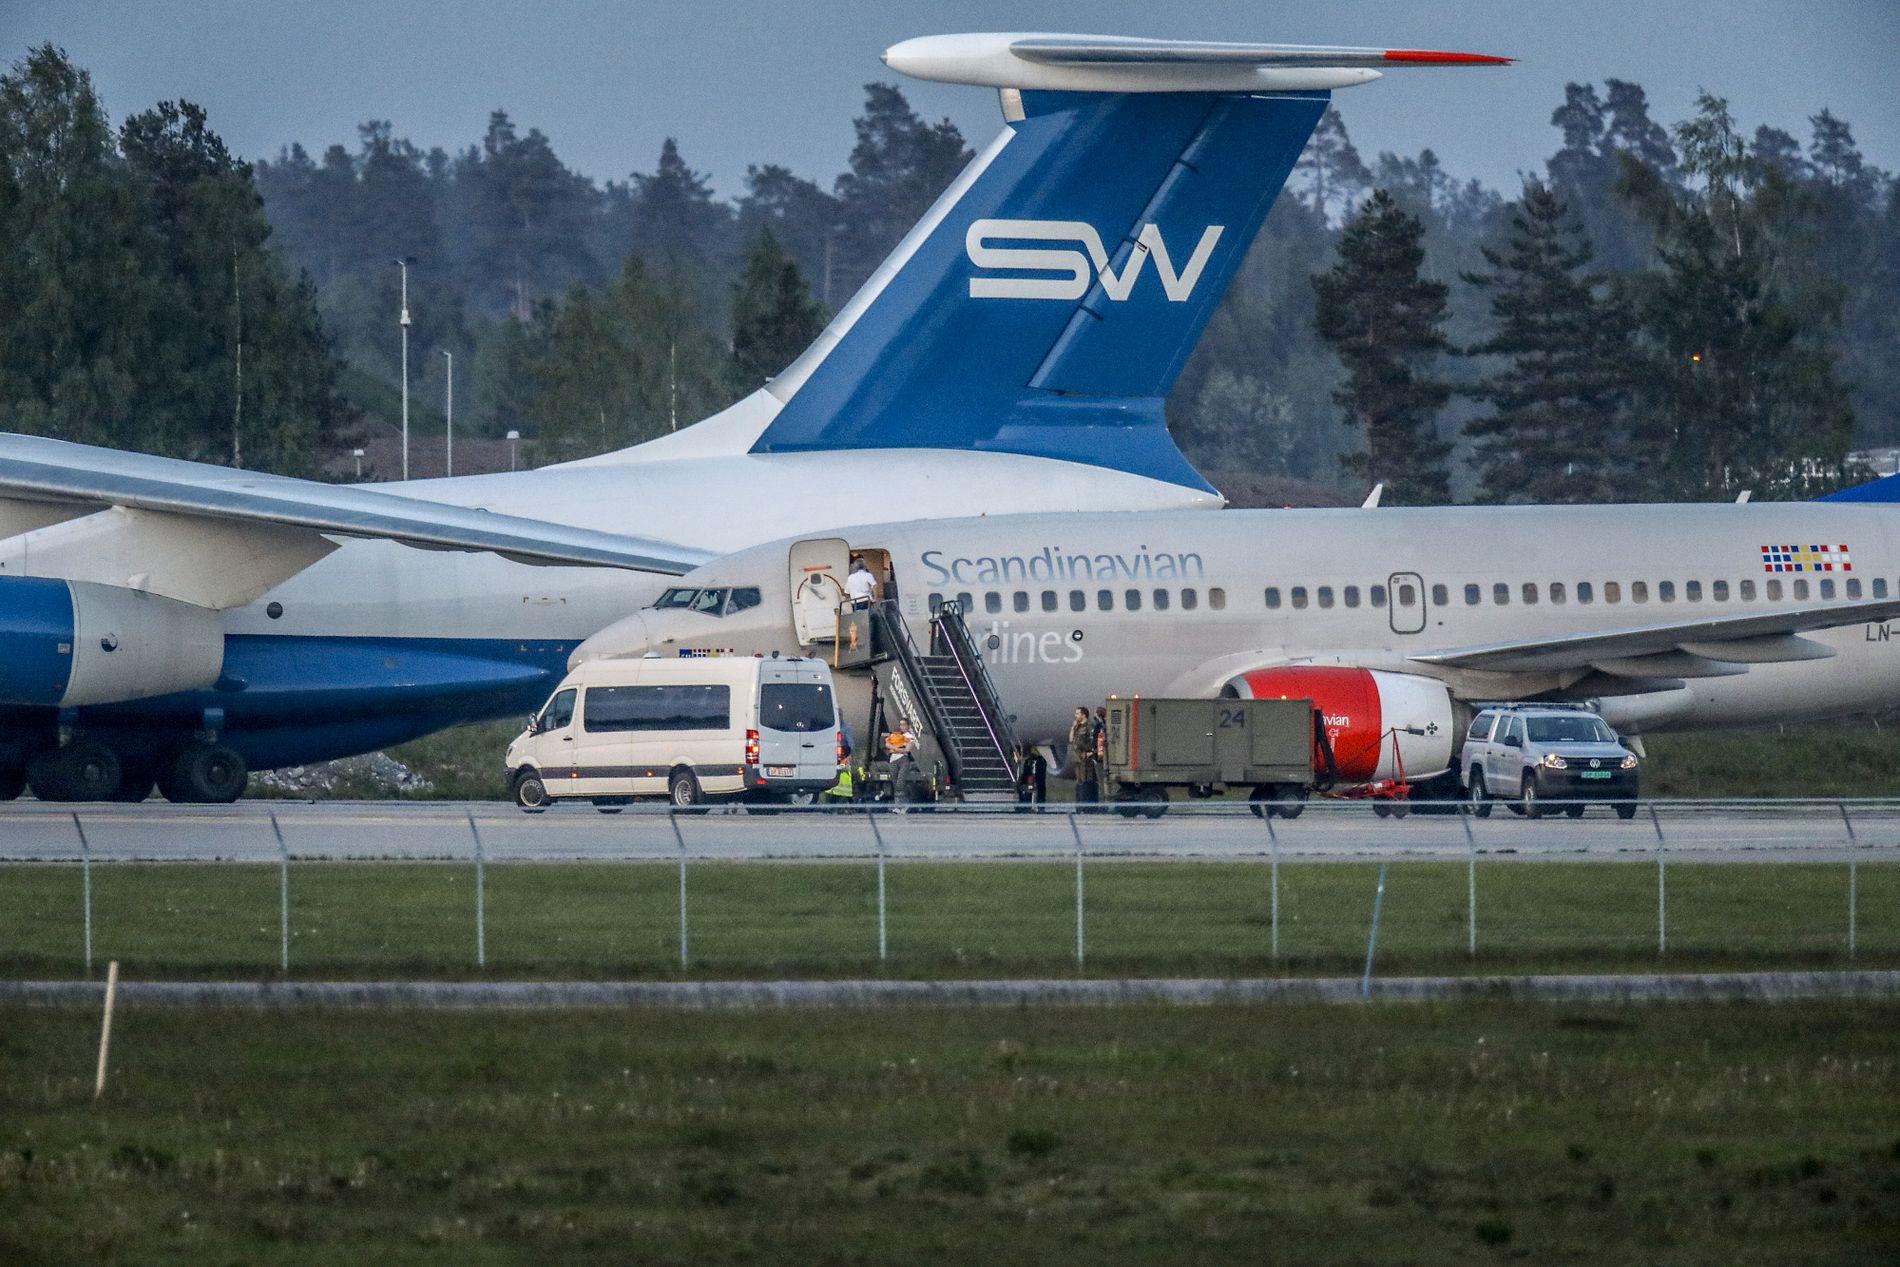 Et SAS-fly har hentet de fem foreldreløse barna til en savnet norsk IS-kvinne, og landet i Oslo mandag kveld. Arbeidet med å hente ut barna fra Syria har vært kompleks og krevende, sier Utenriksdepartementet.